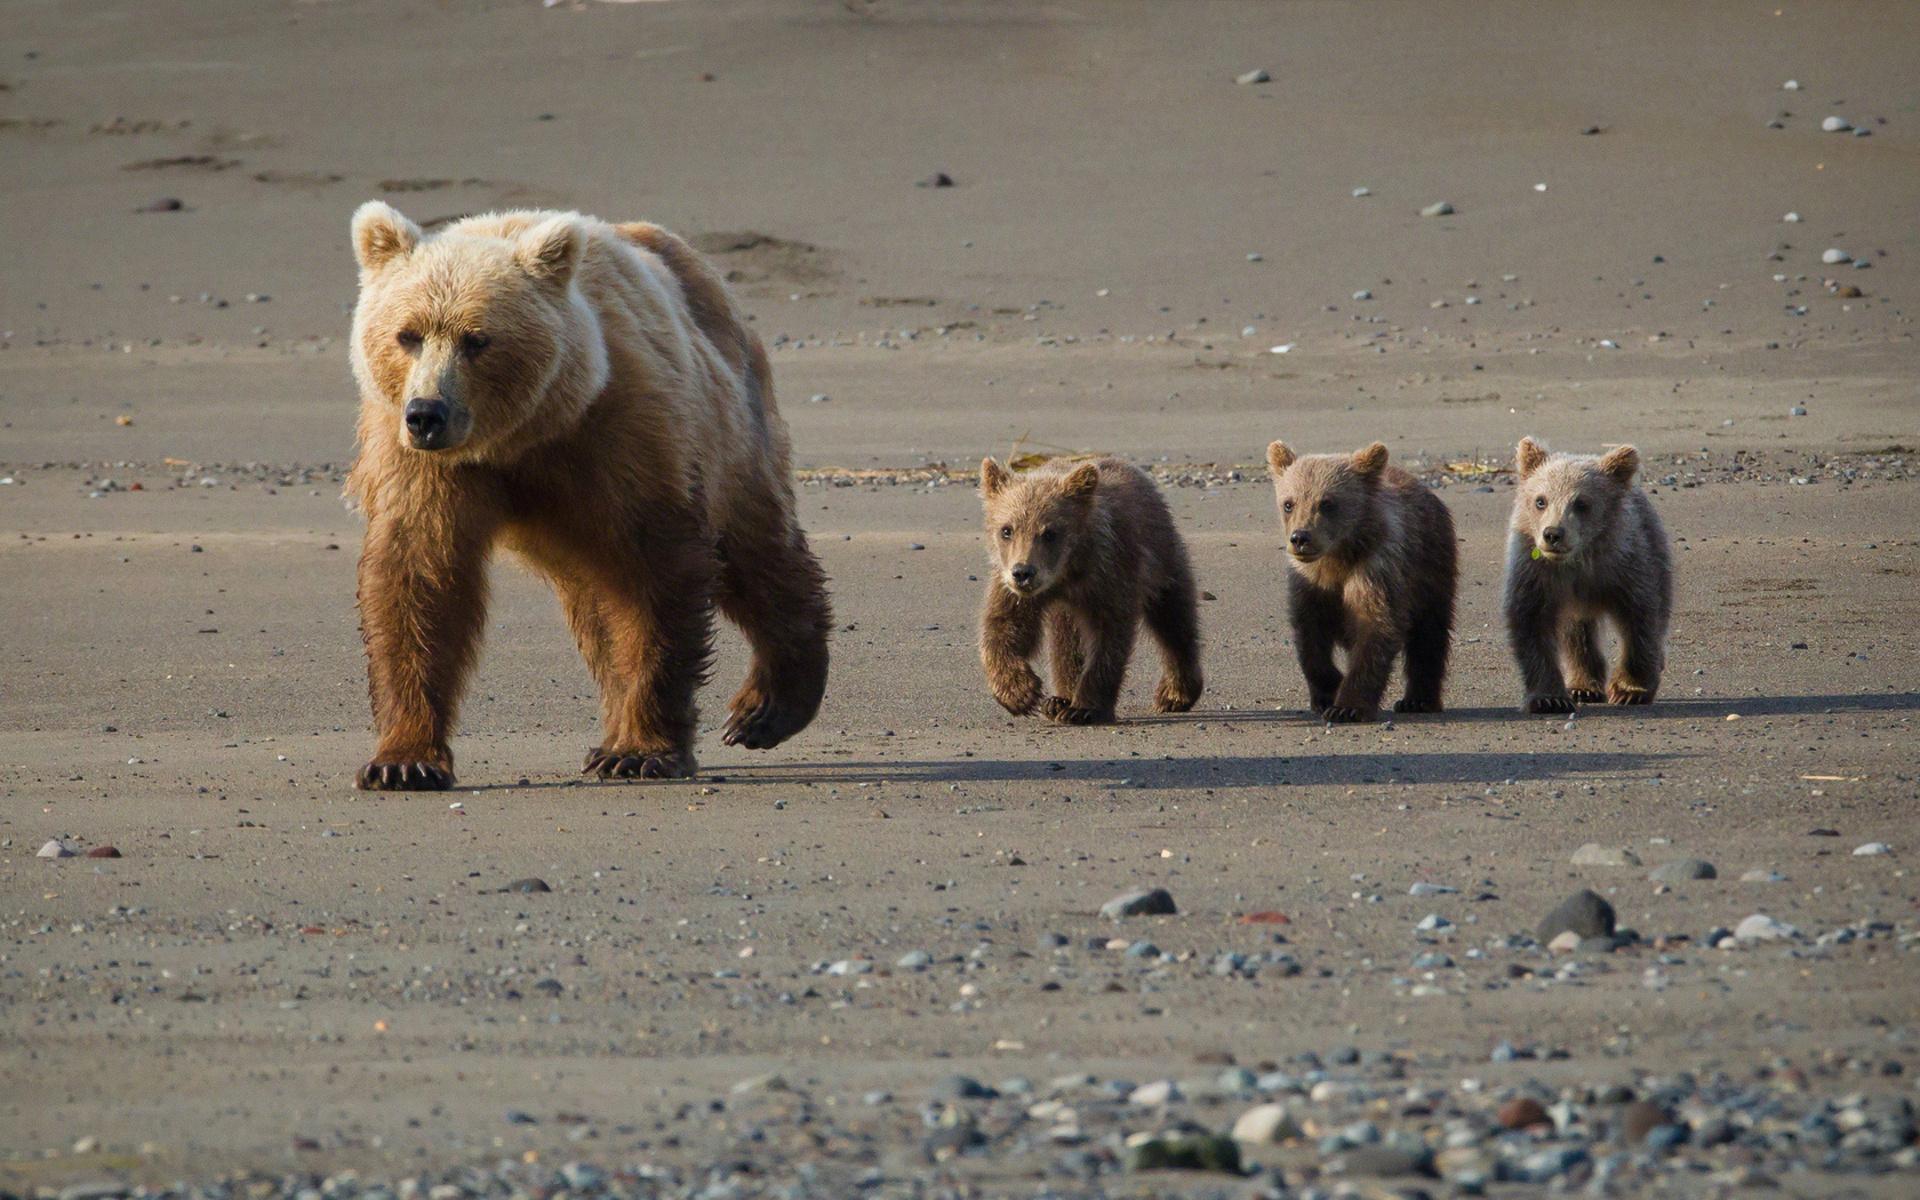 壁紙 : 1920x1200像素, 阿拉斯加州, 嬰兒, 熊, 幼崽, 毛皮, 風景, 性質, 巖石, 砂, 野生動物 1920x1200 - 4kWallpaper ...